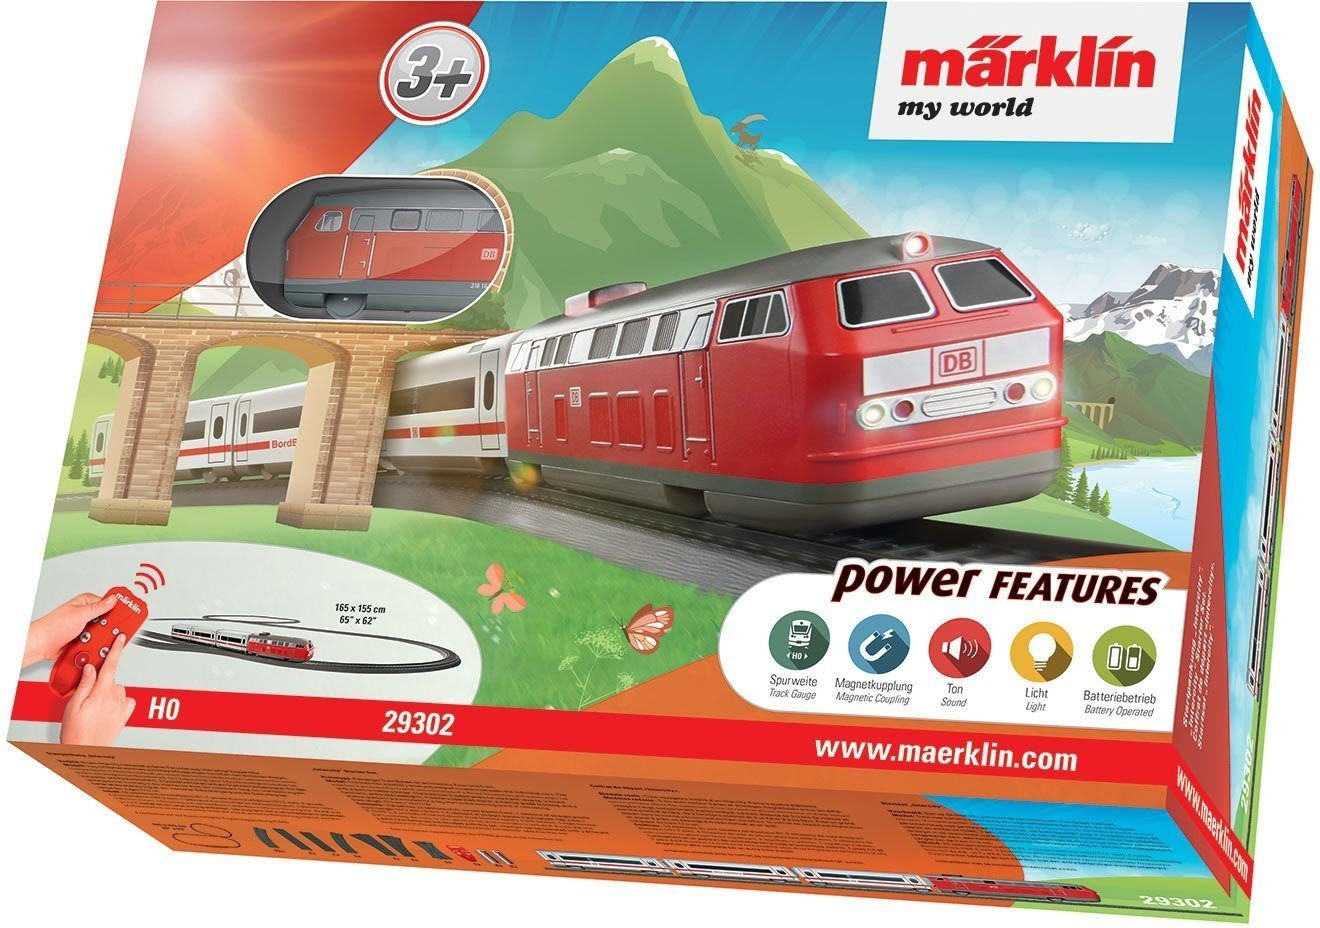 Märklin my world Startpackung Intercity (29302)